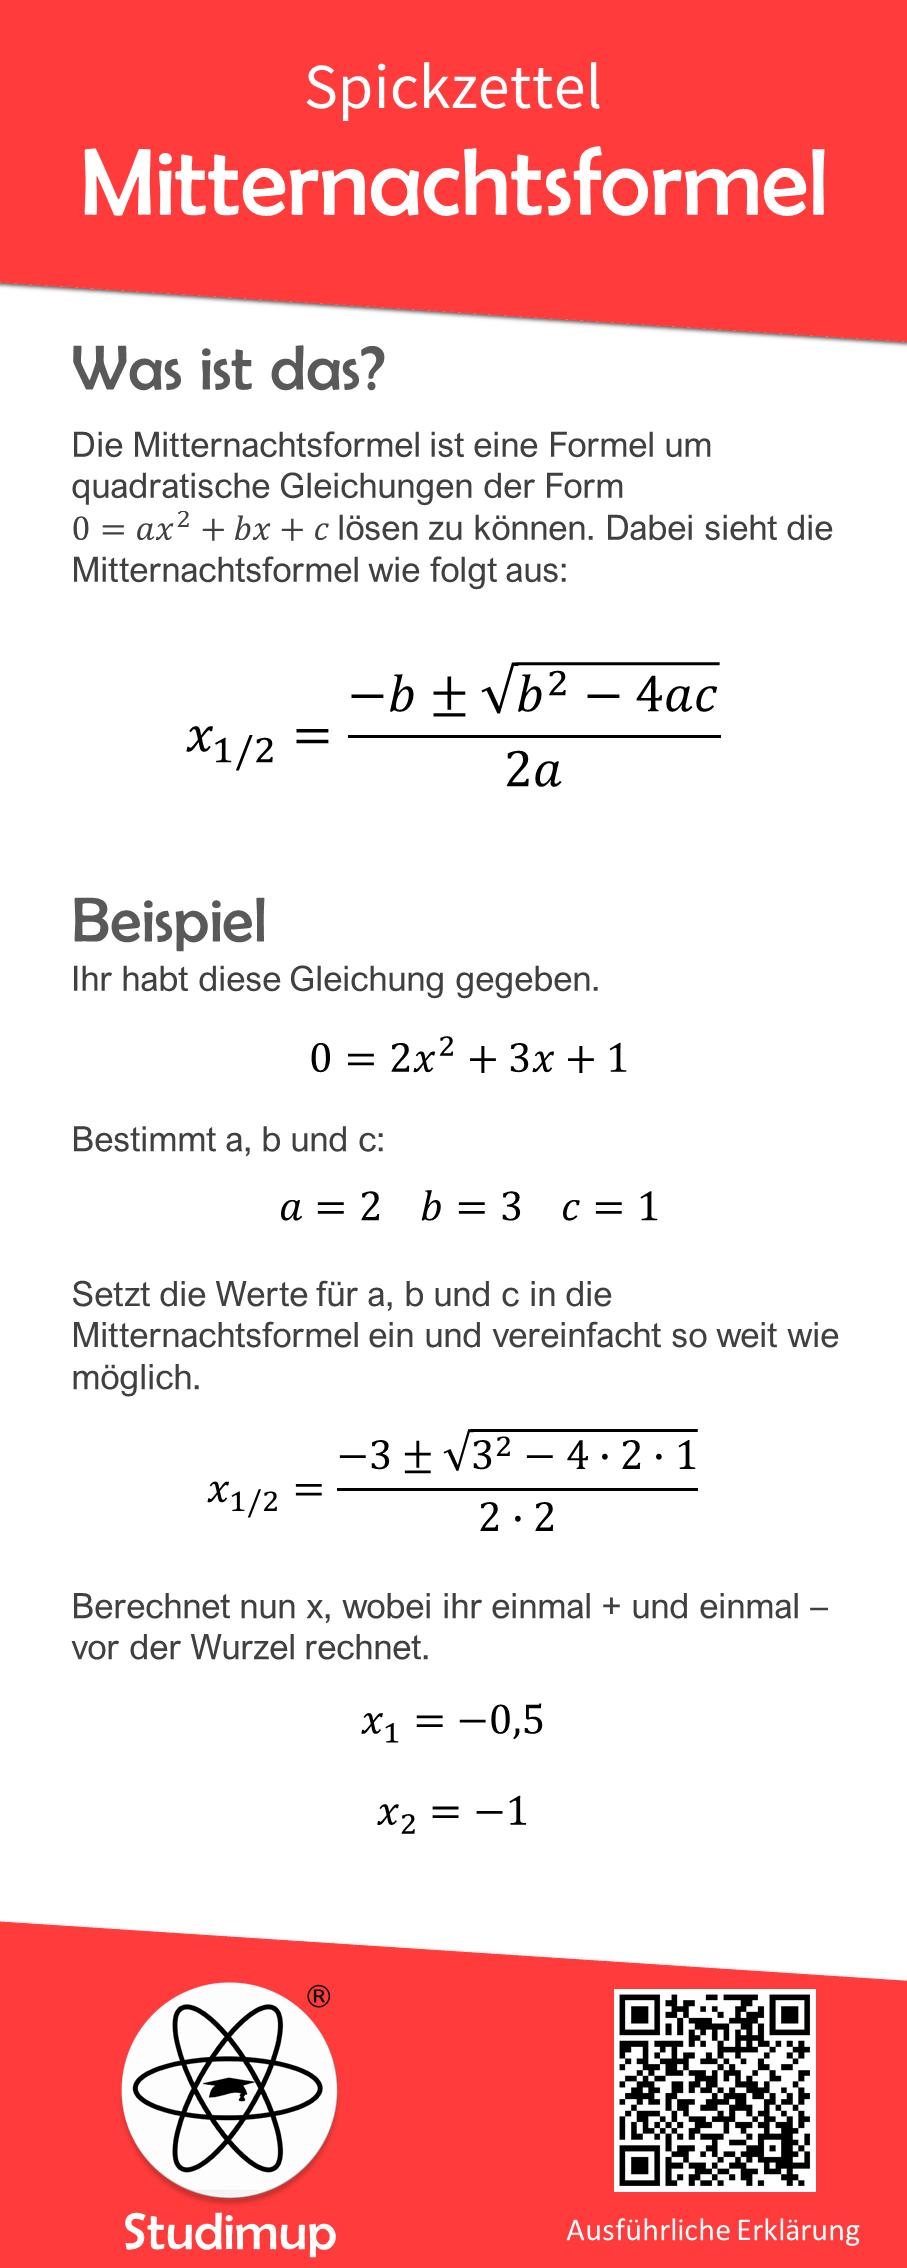 Mitternachtsformel Spickzettel Spickzettel Lernen Mathematikunterricht